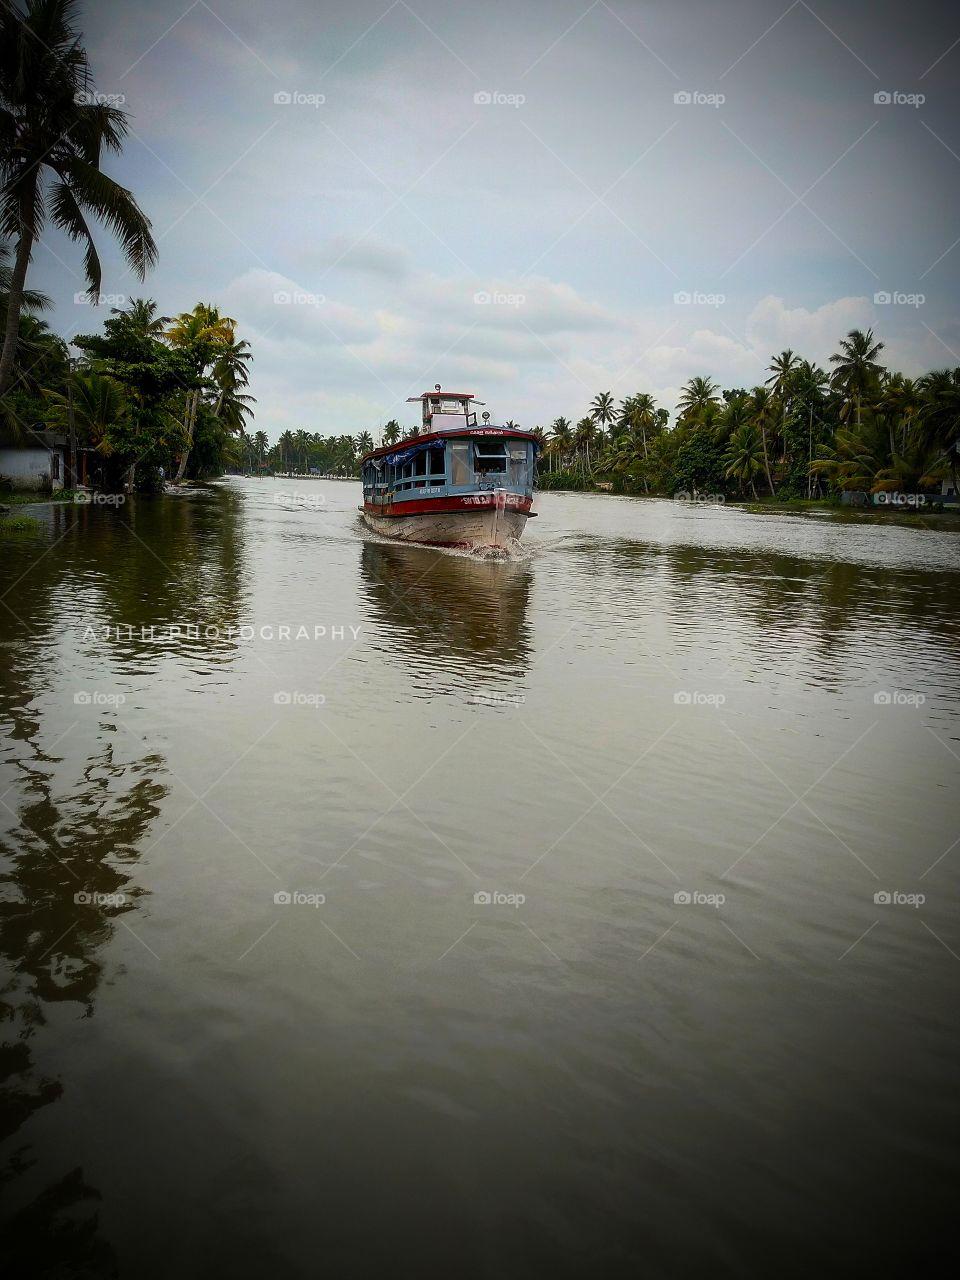 alappuzha govt boat